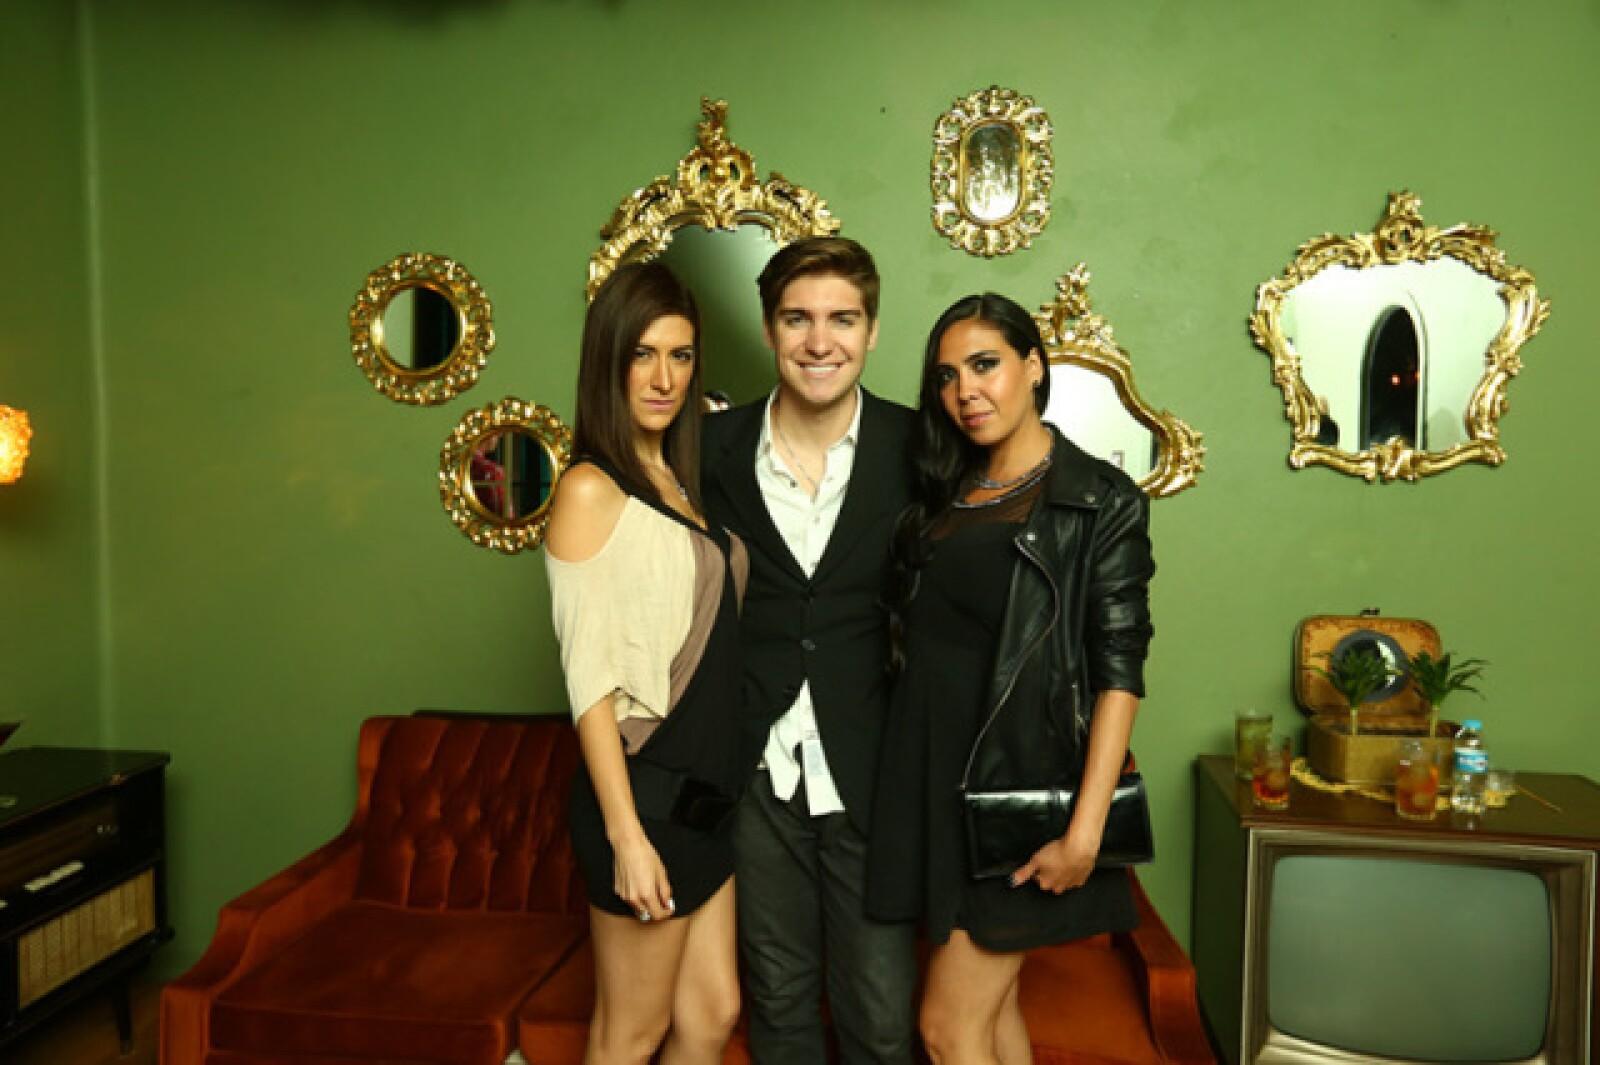 Pherla Aguilar,Guillermo Mascareño y Andrea Ibarra